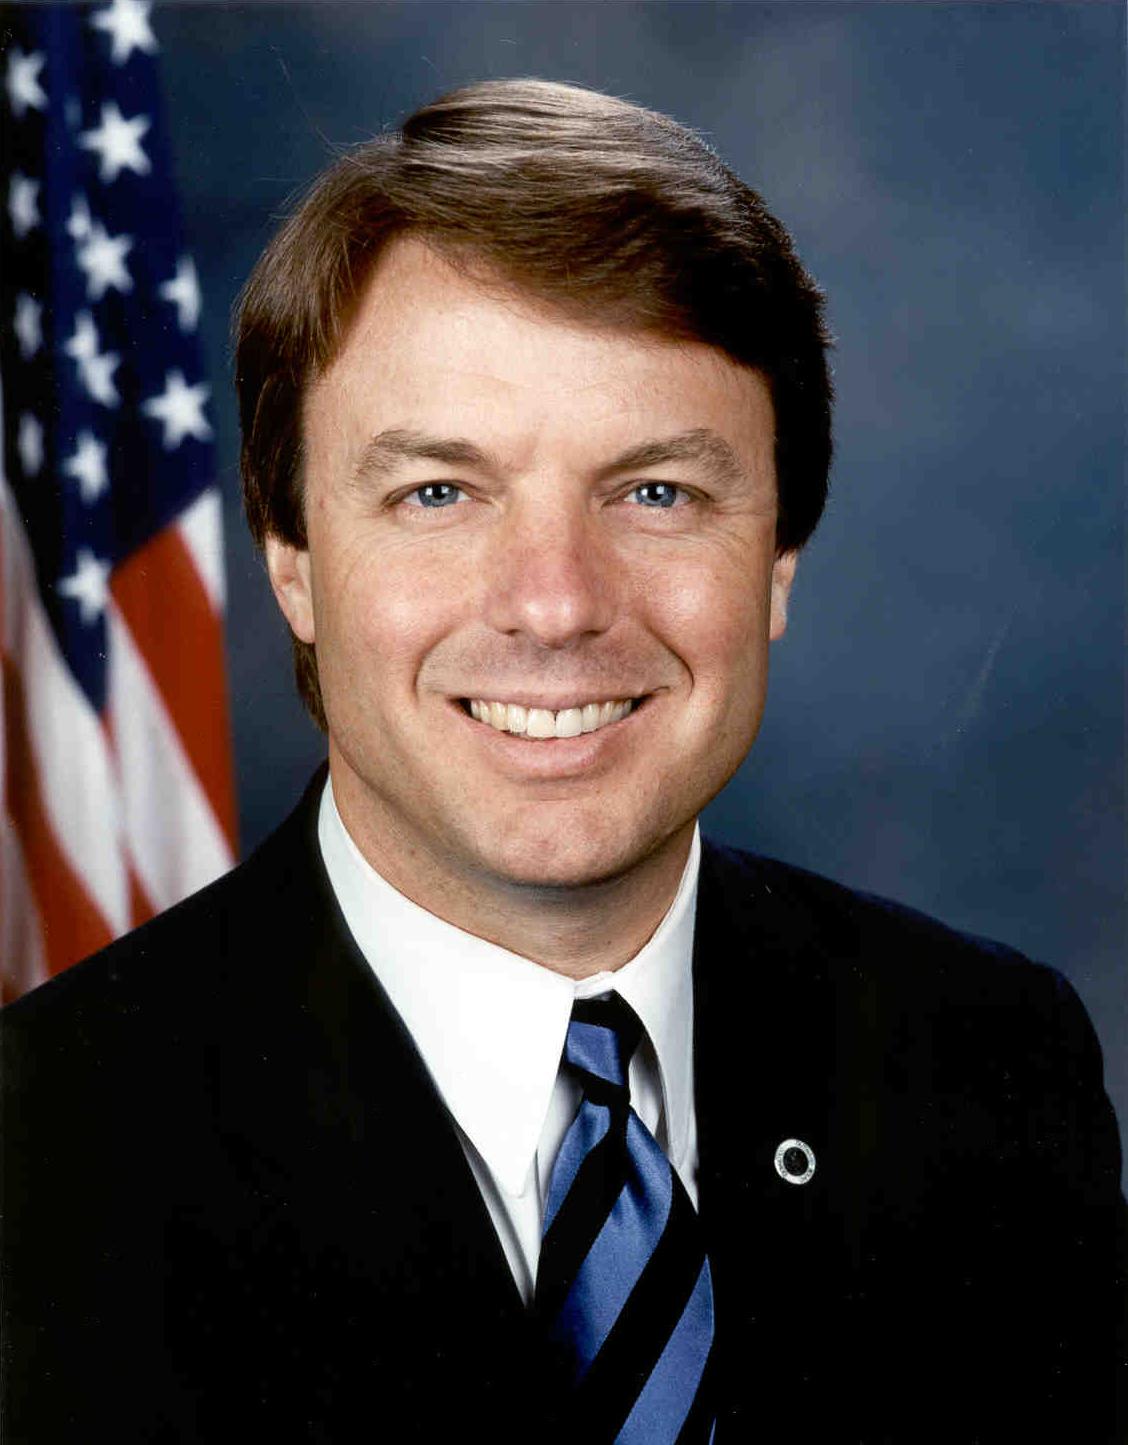 Description John Edwards, official Senate photo portrait.jpg